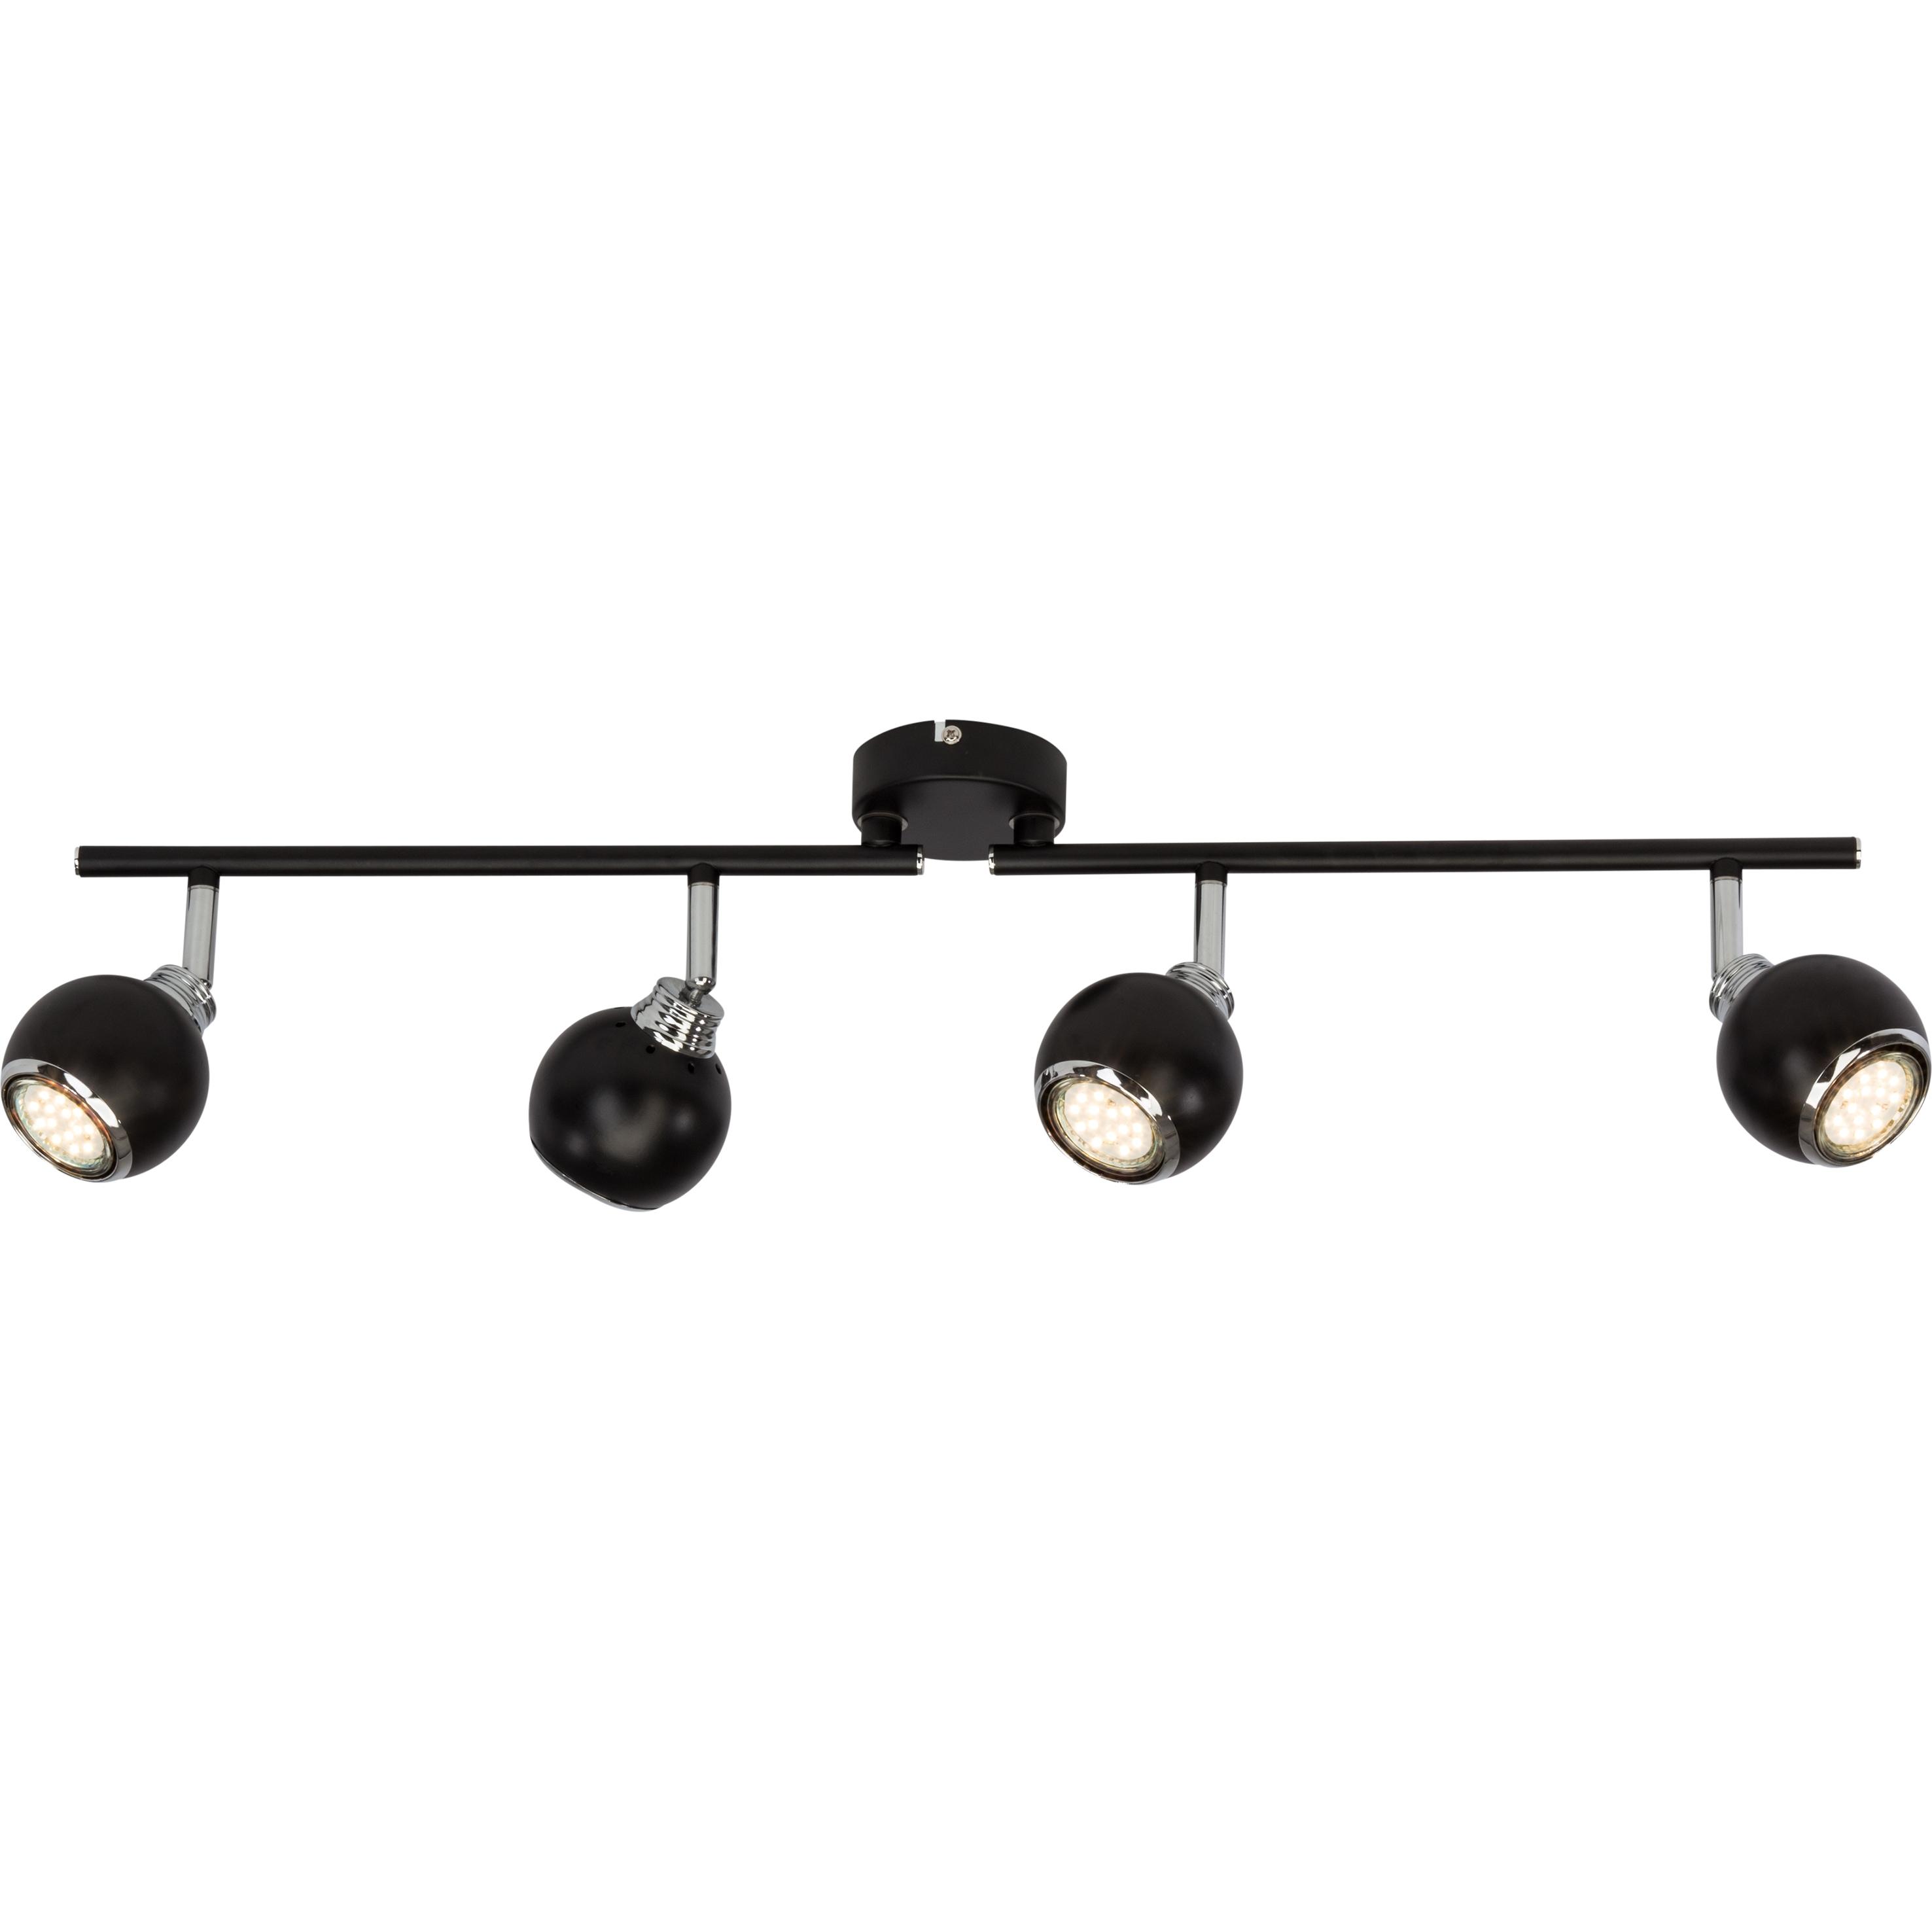 Brilliant Leuchten Ina LED Spotrohr 4flg schwarz/chrom